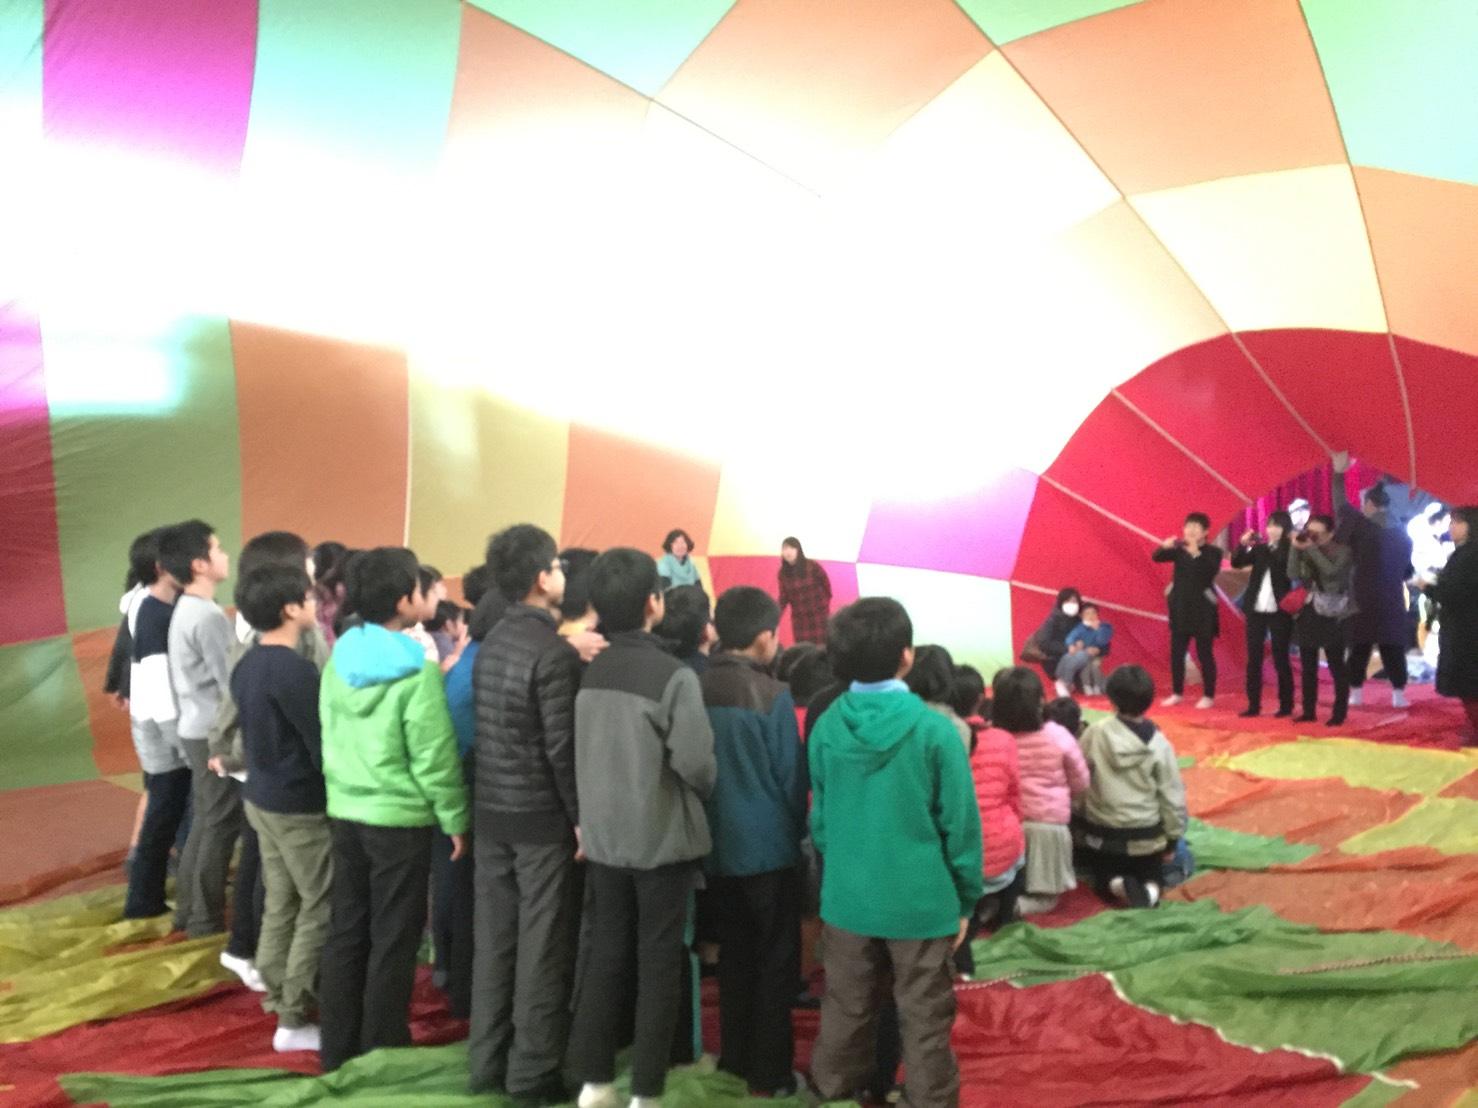 熱気球ワークショップのイメージ